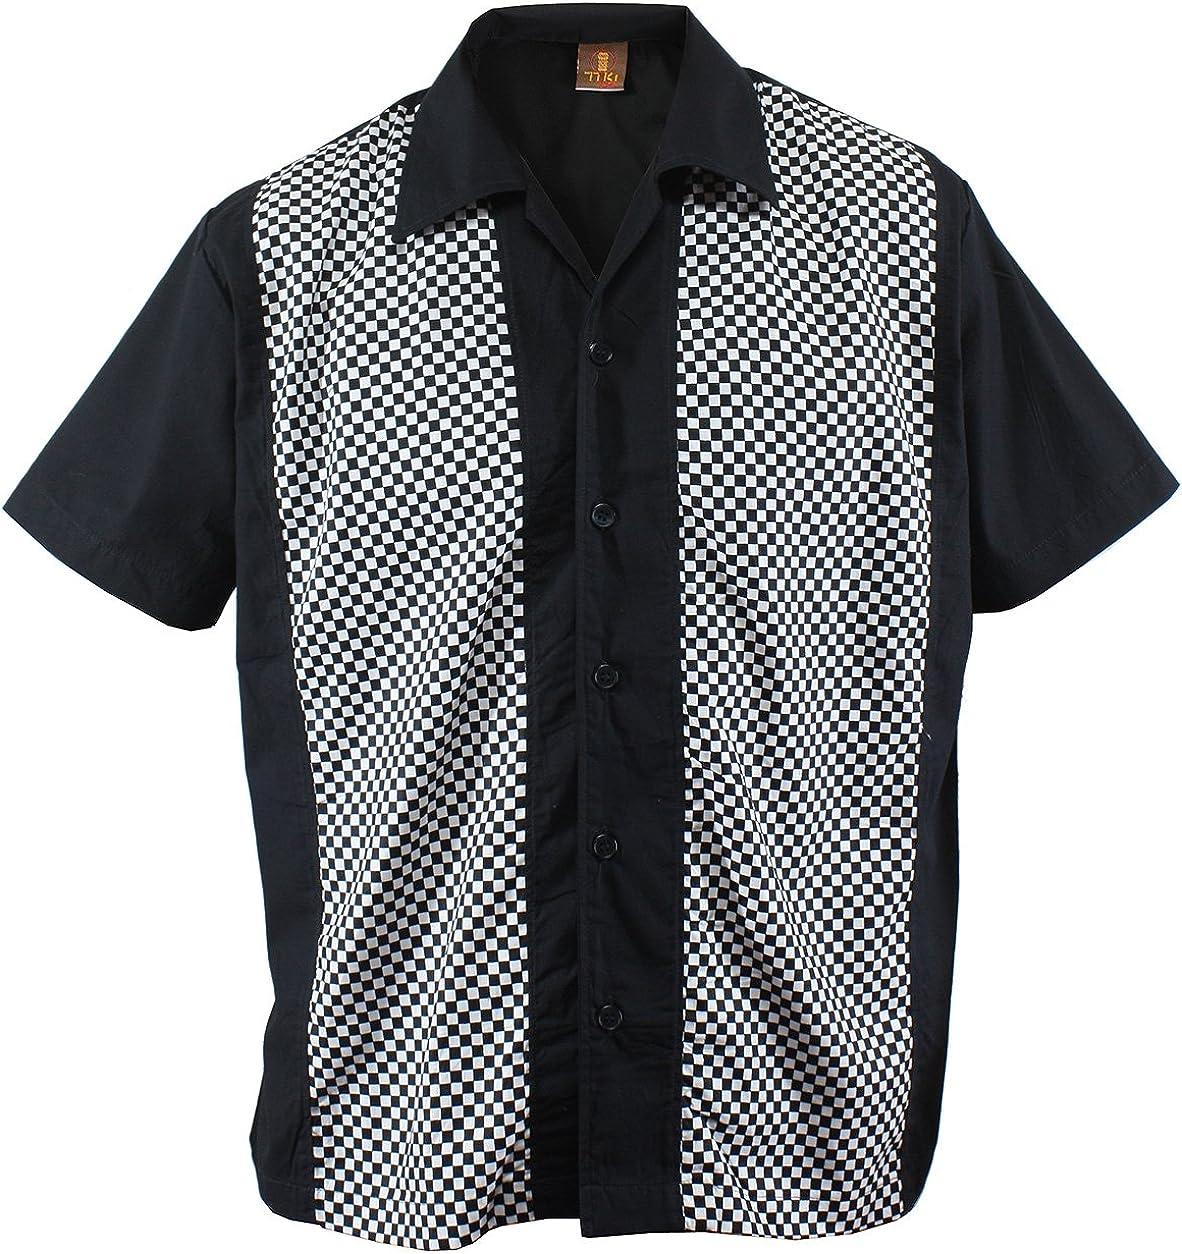 Camisa para hombre, diseño a cuadros, color negro: Amazon.es: Ropa y accesorios